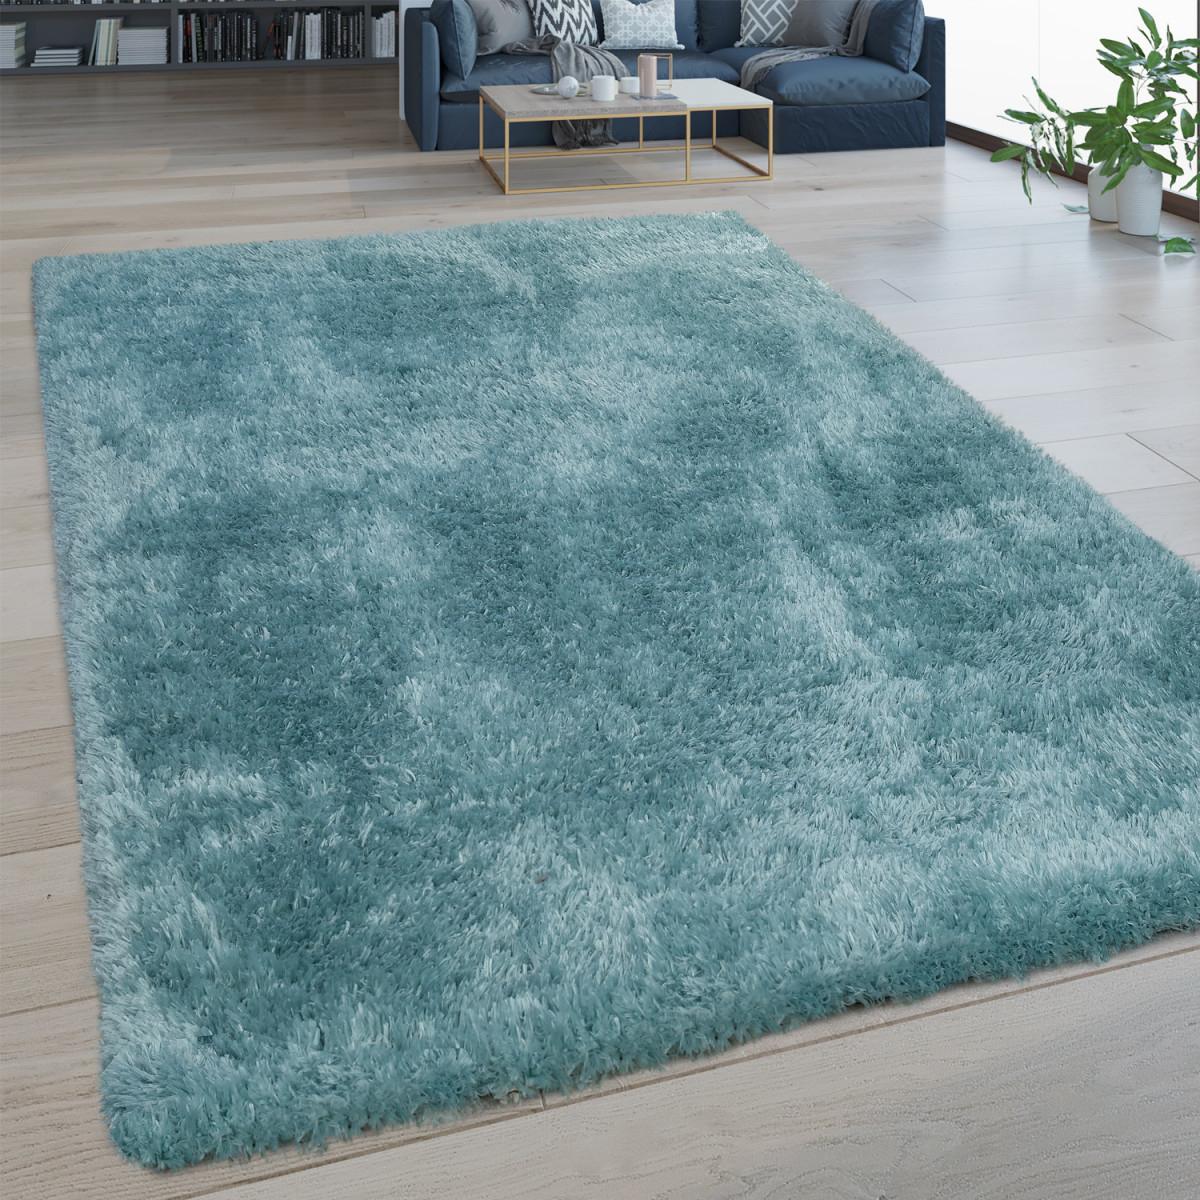 Hochflor Wohnzimmer Teppich Waschbar Shaggy Flokati Optik Einfarbig In  Türkis Grösse80X150 Cm von Teppich Waschbar Wohnzimmer Bild